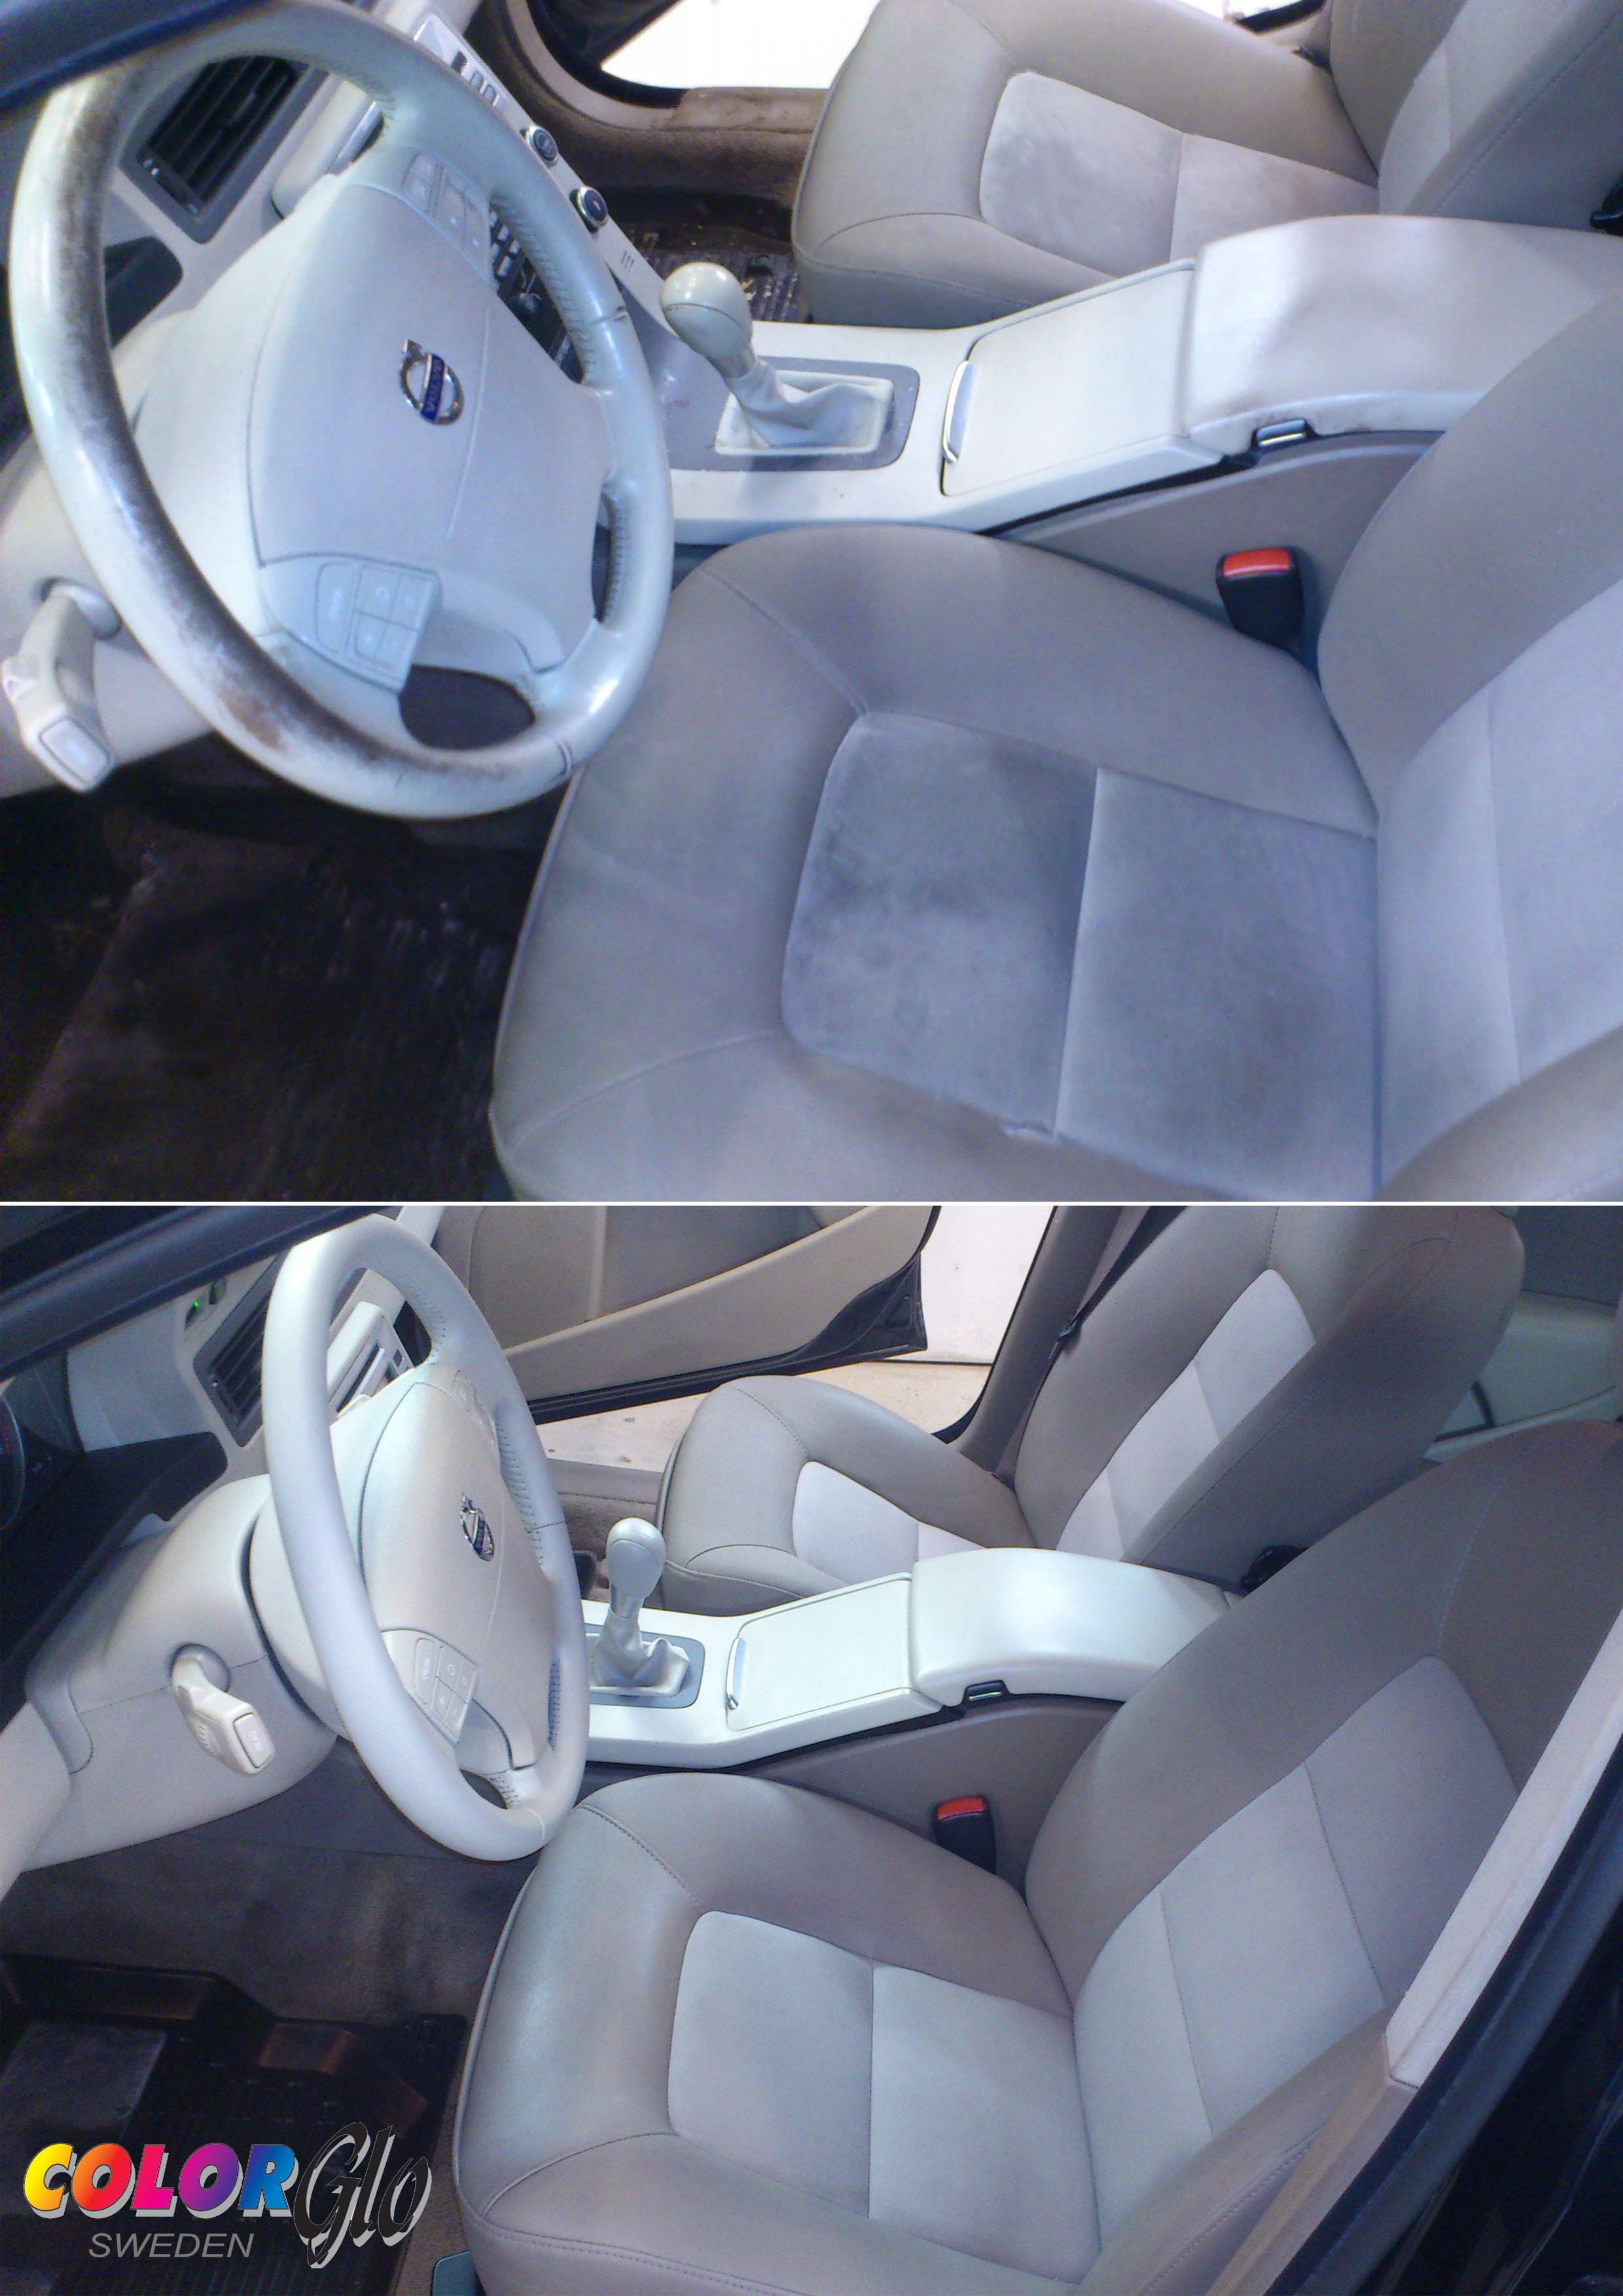 Fantastisk Volvo | Bilvård och skinnvård av ColorGlo MX-62